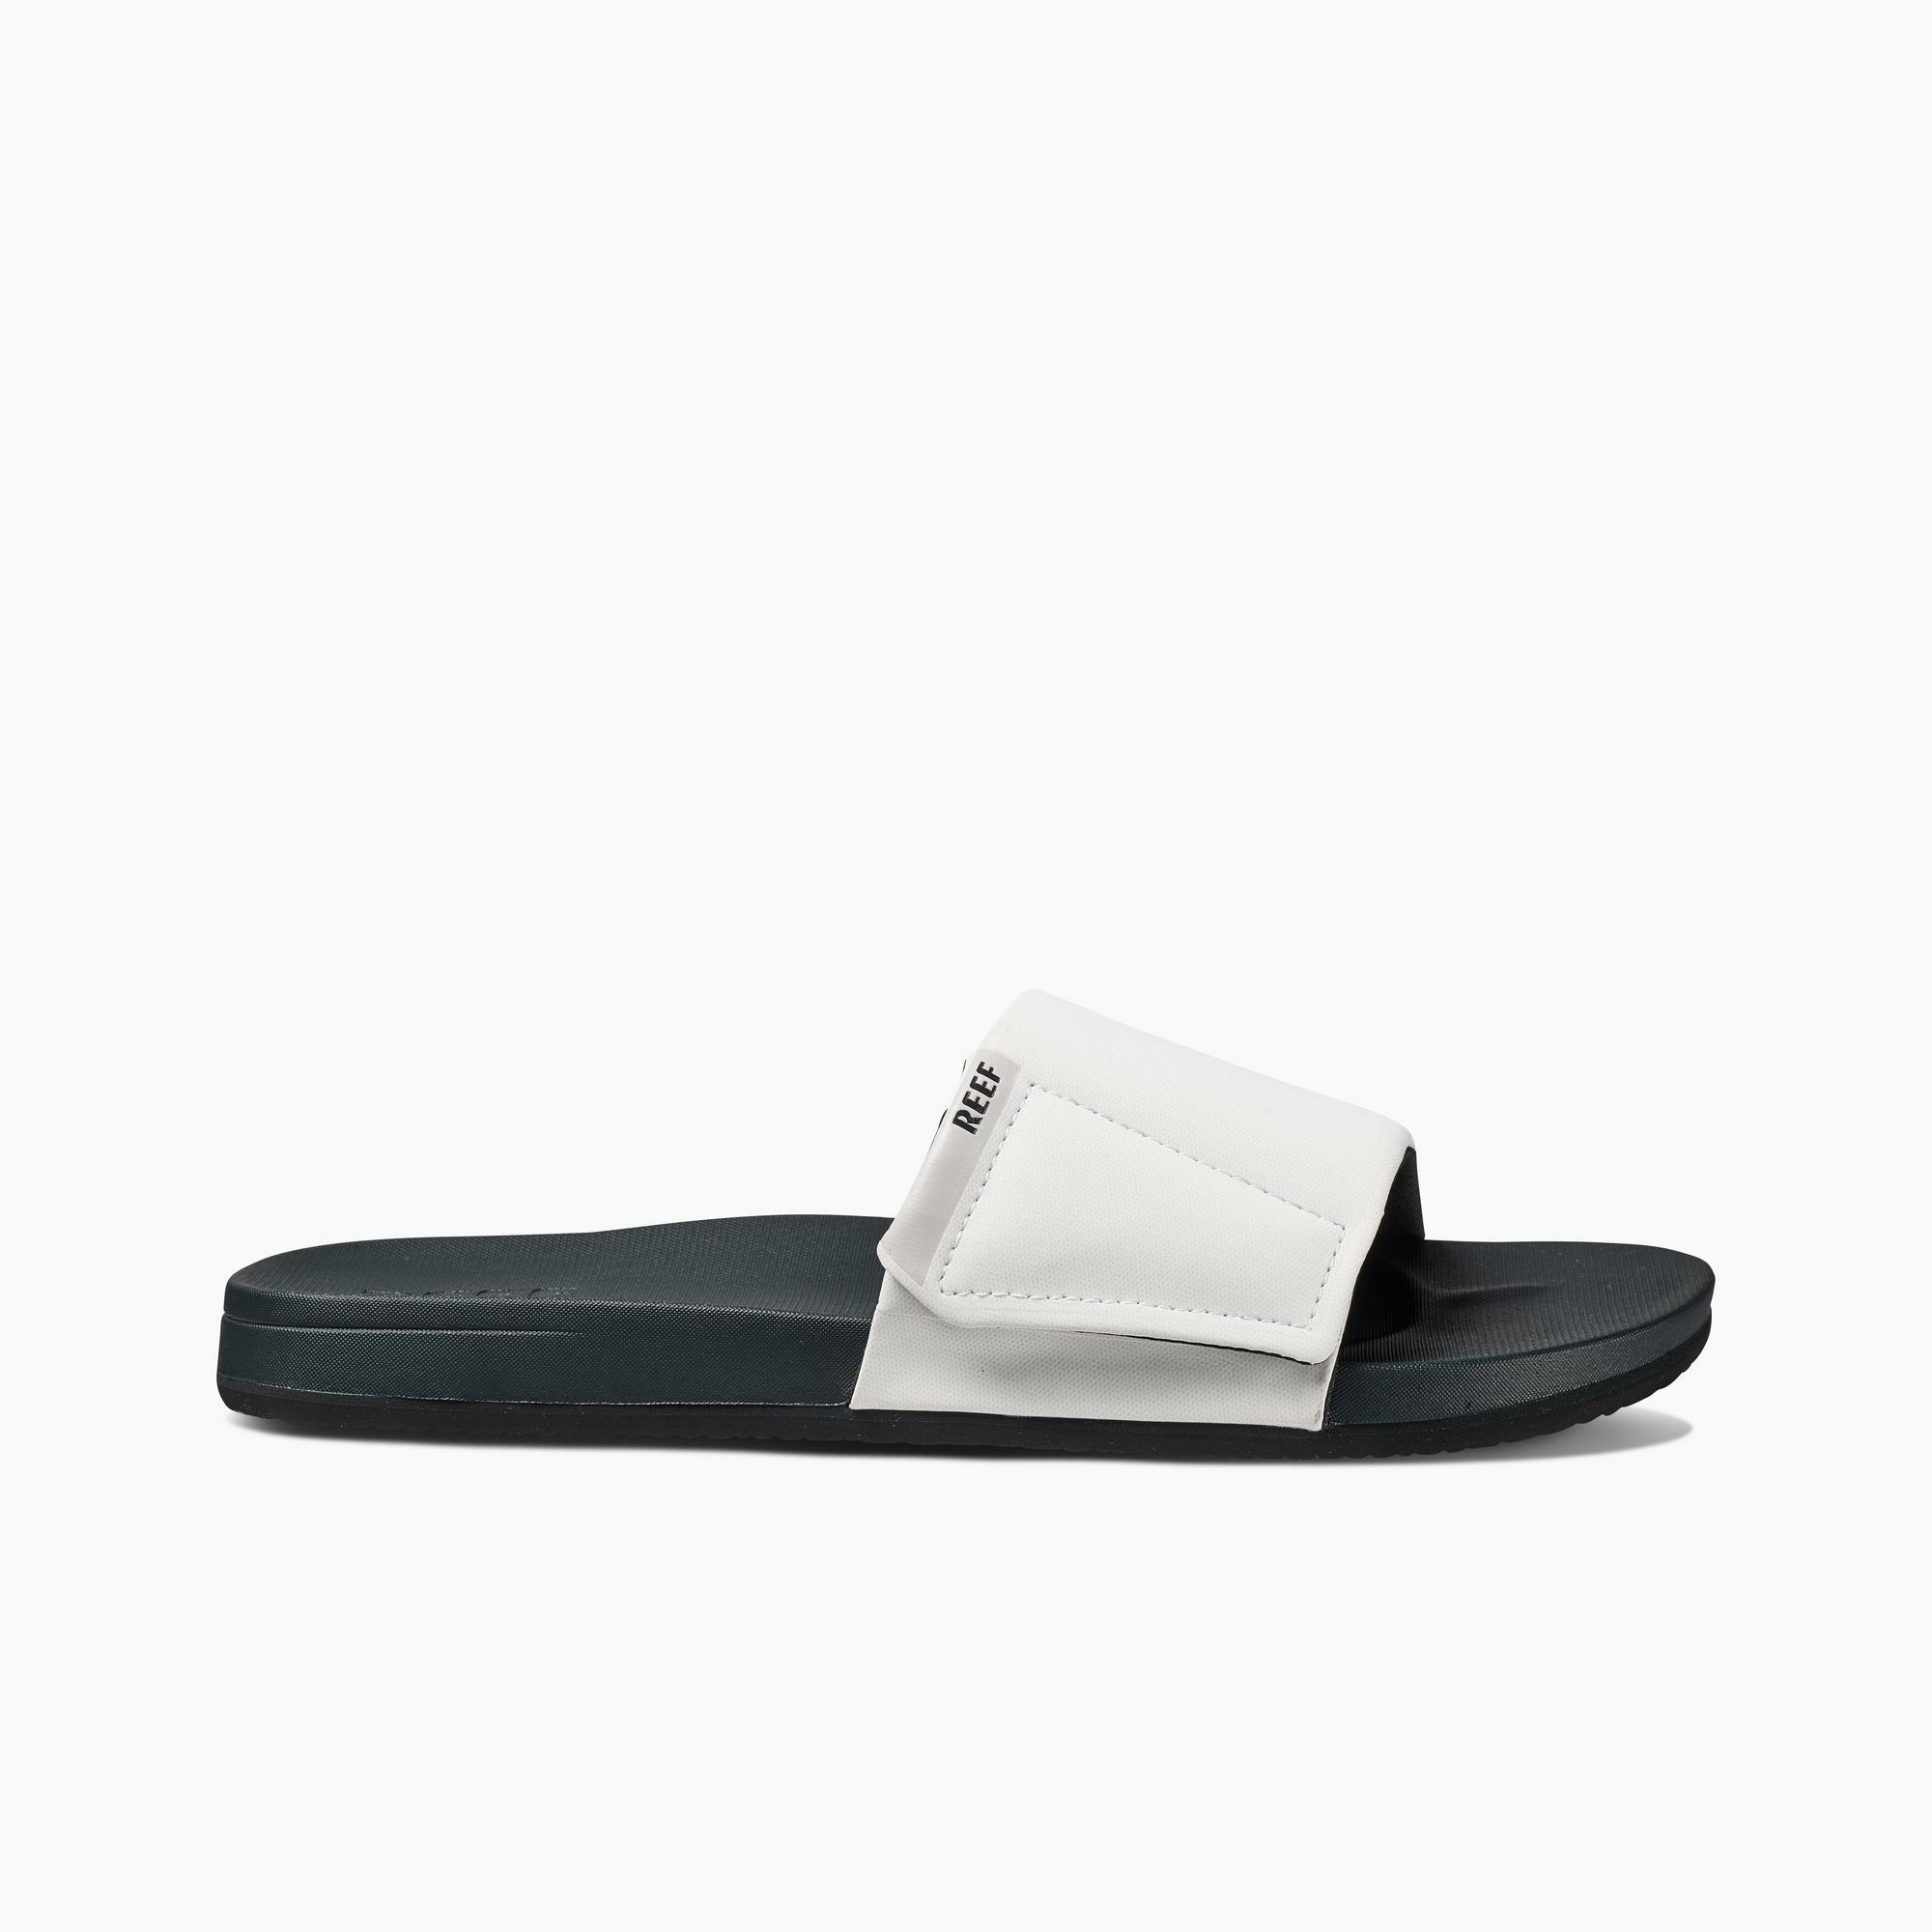 Sandales Cushion Bounce Slide pour hommes - Blanc/Gris